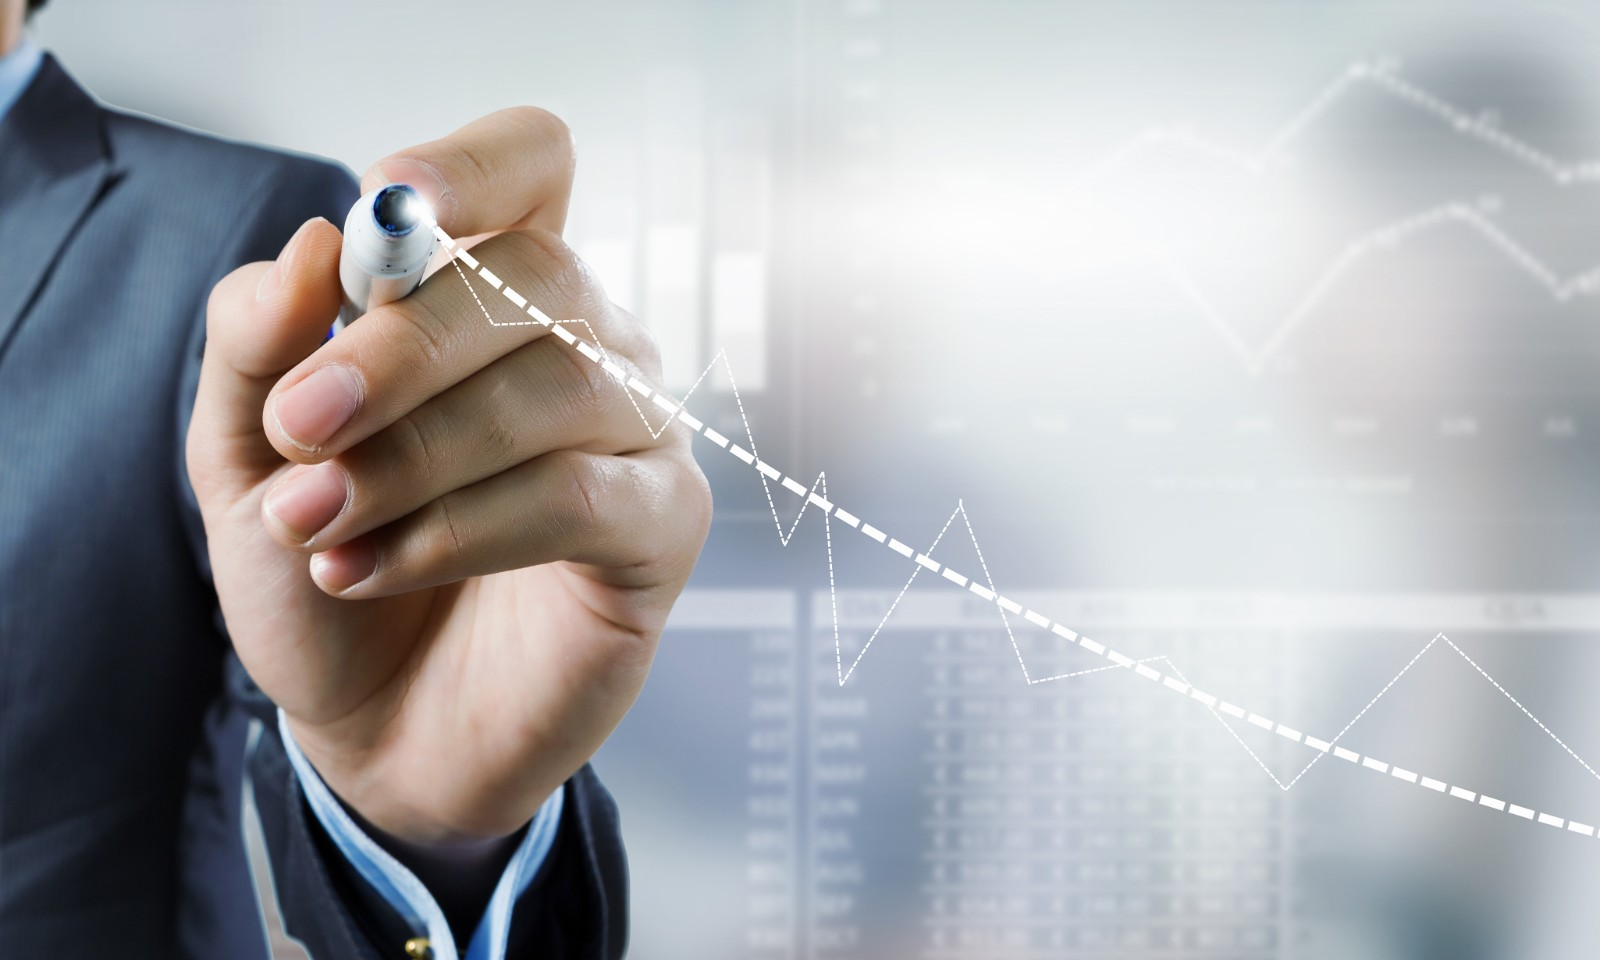 工银瑞信固定收益基金大幅度提现10%!稳增长和任何一个都没有关系。